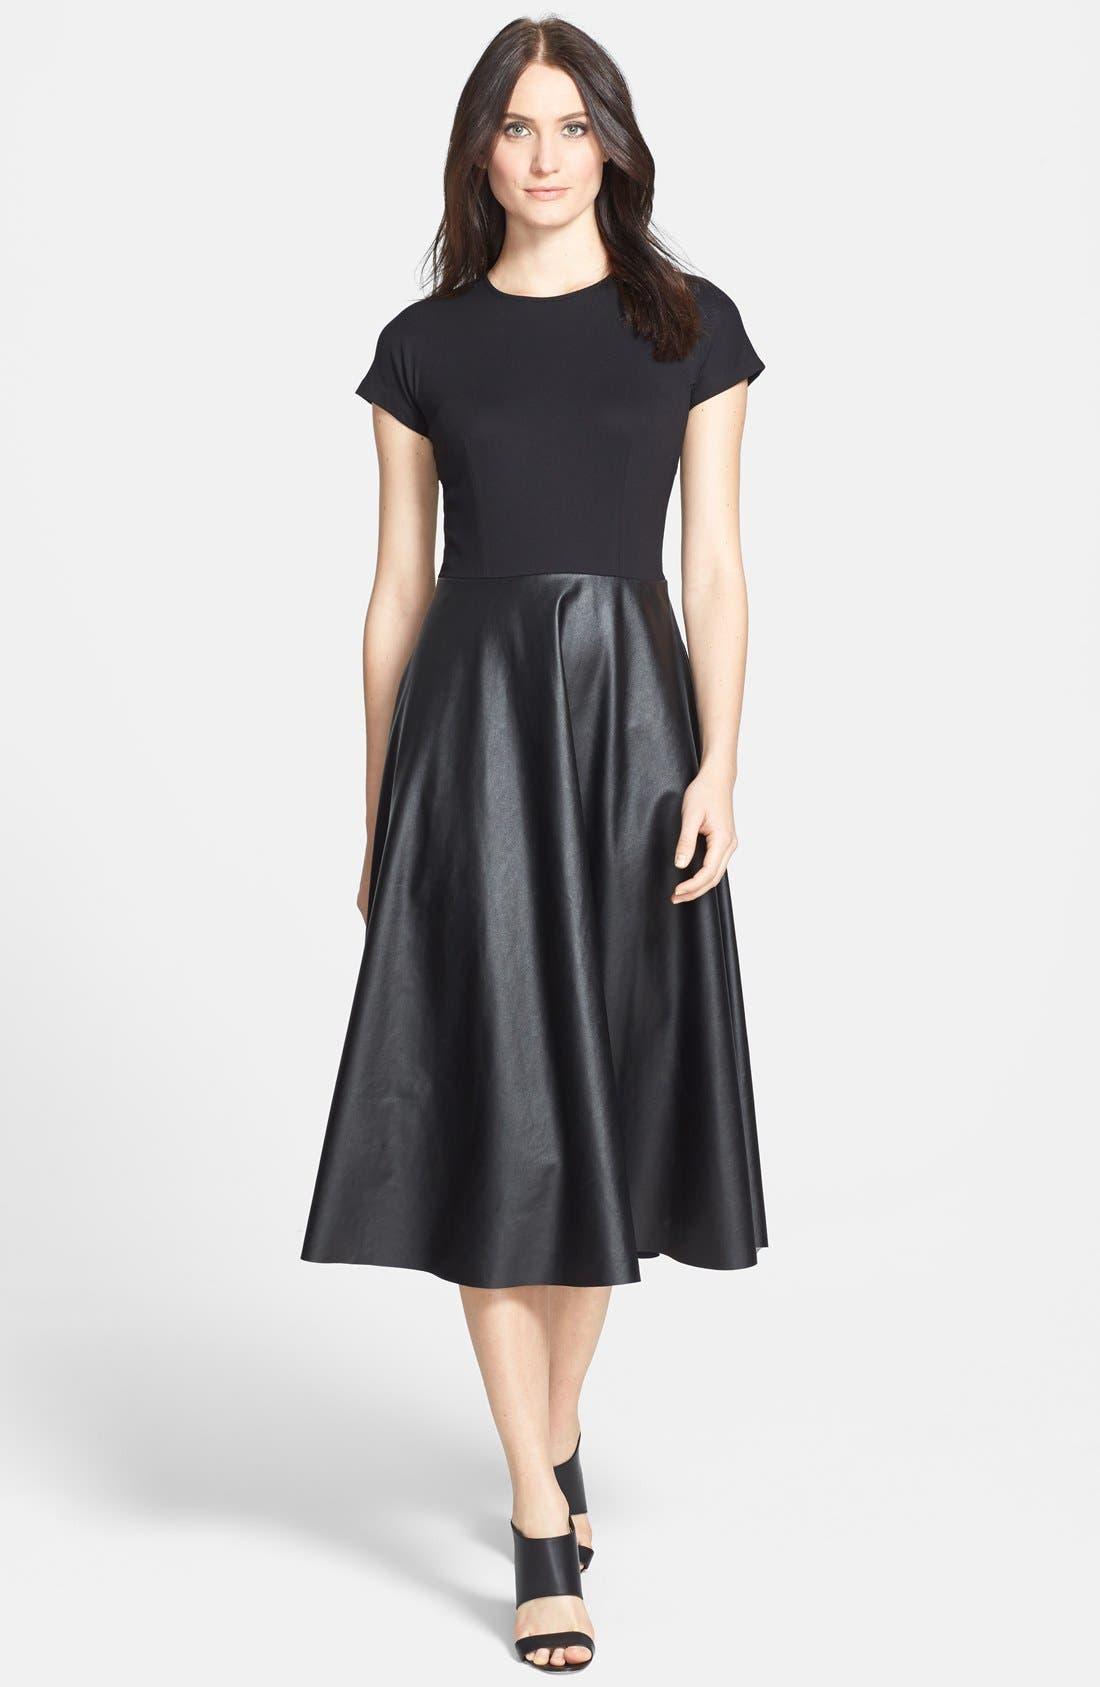 Main Image - Lafayette 148 New York 'Mirna - Neo Tech' Dress